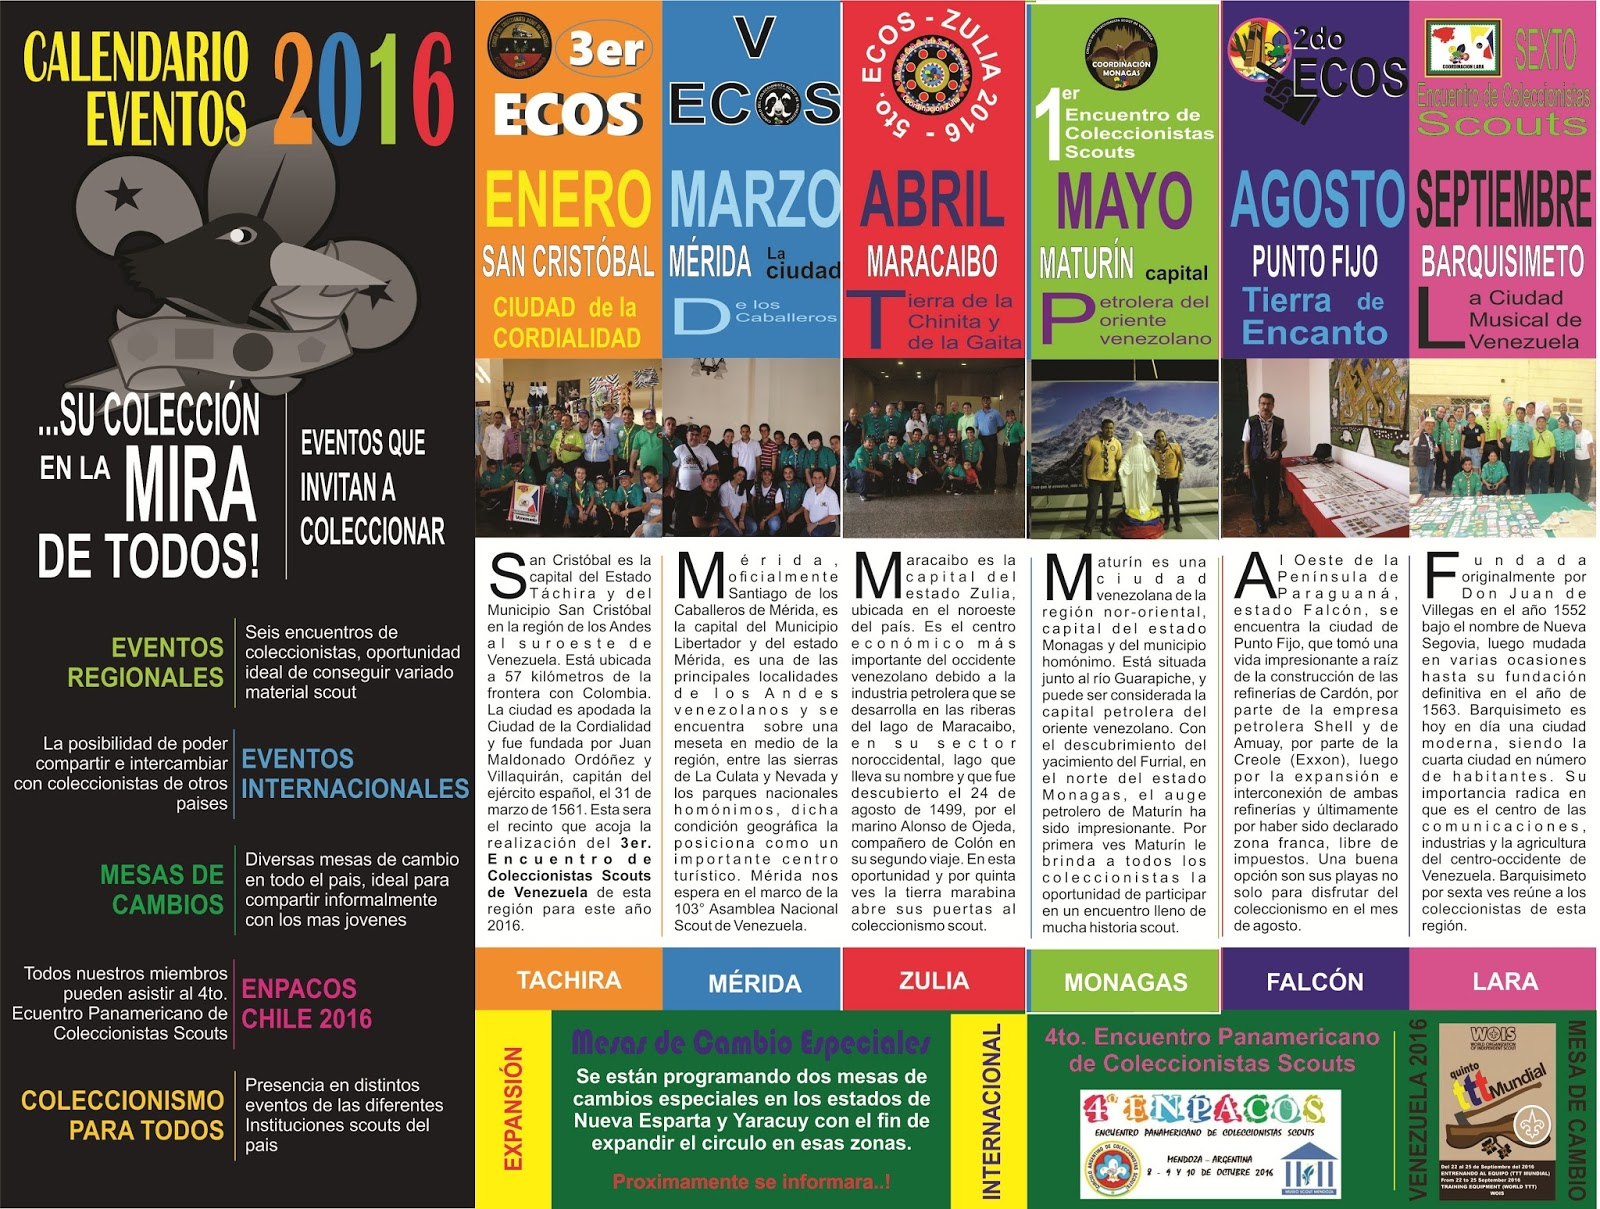 Calendario De Actividades Eventos: Circulo Del Coleccionista Scout De Venezuela: CALENDARIO